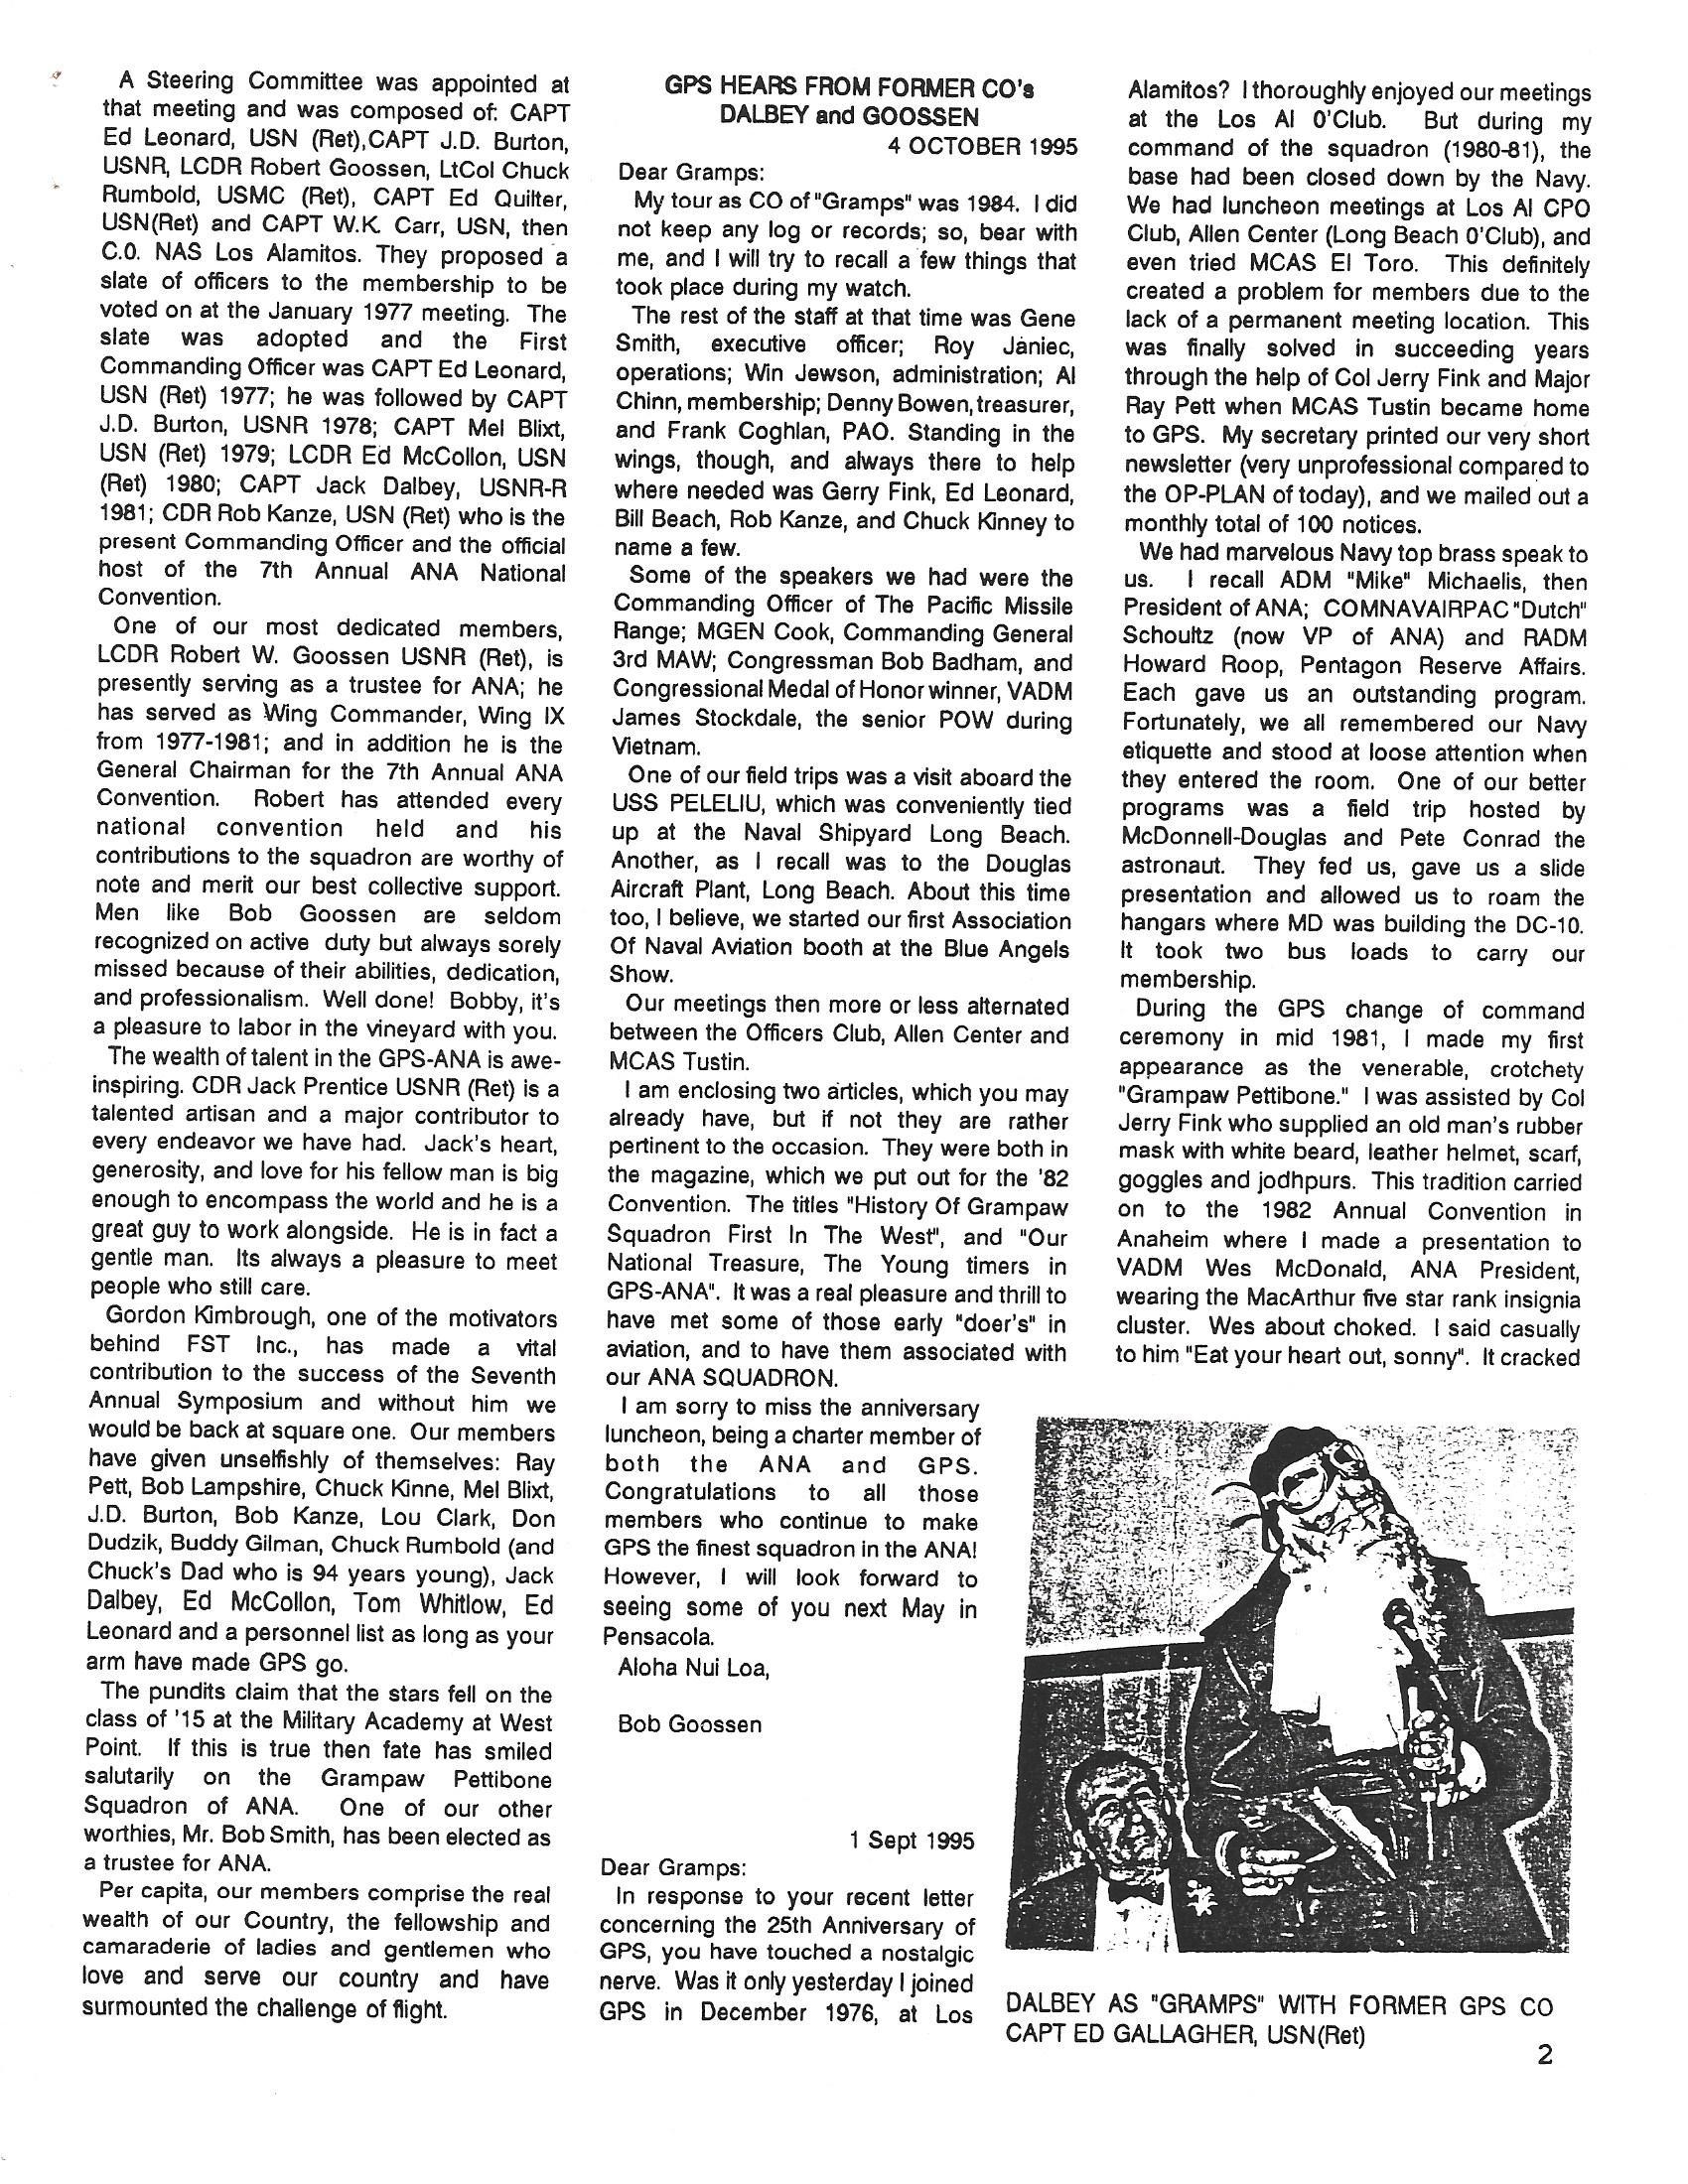 HistoryGPS1975_Page_3